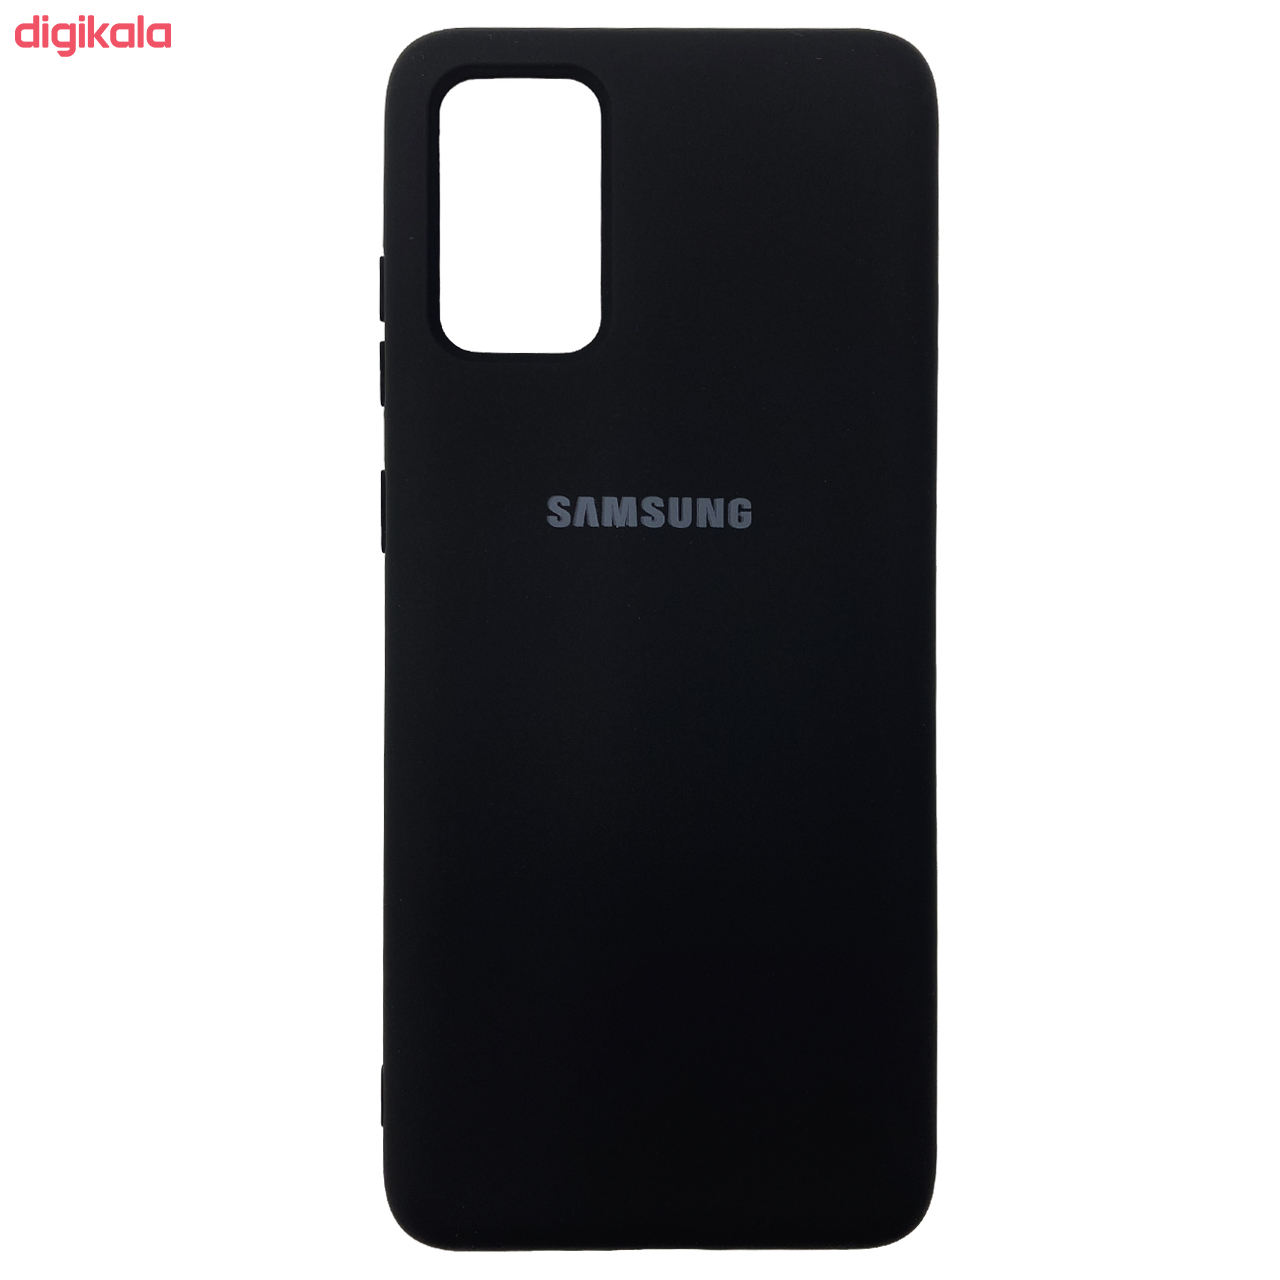 کاور مدل scn مناسب برای گوشی موبایل سامسونگ Galaxy S20 main 1 1